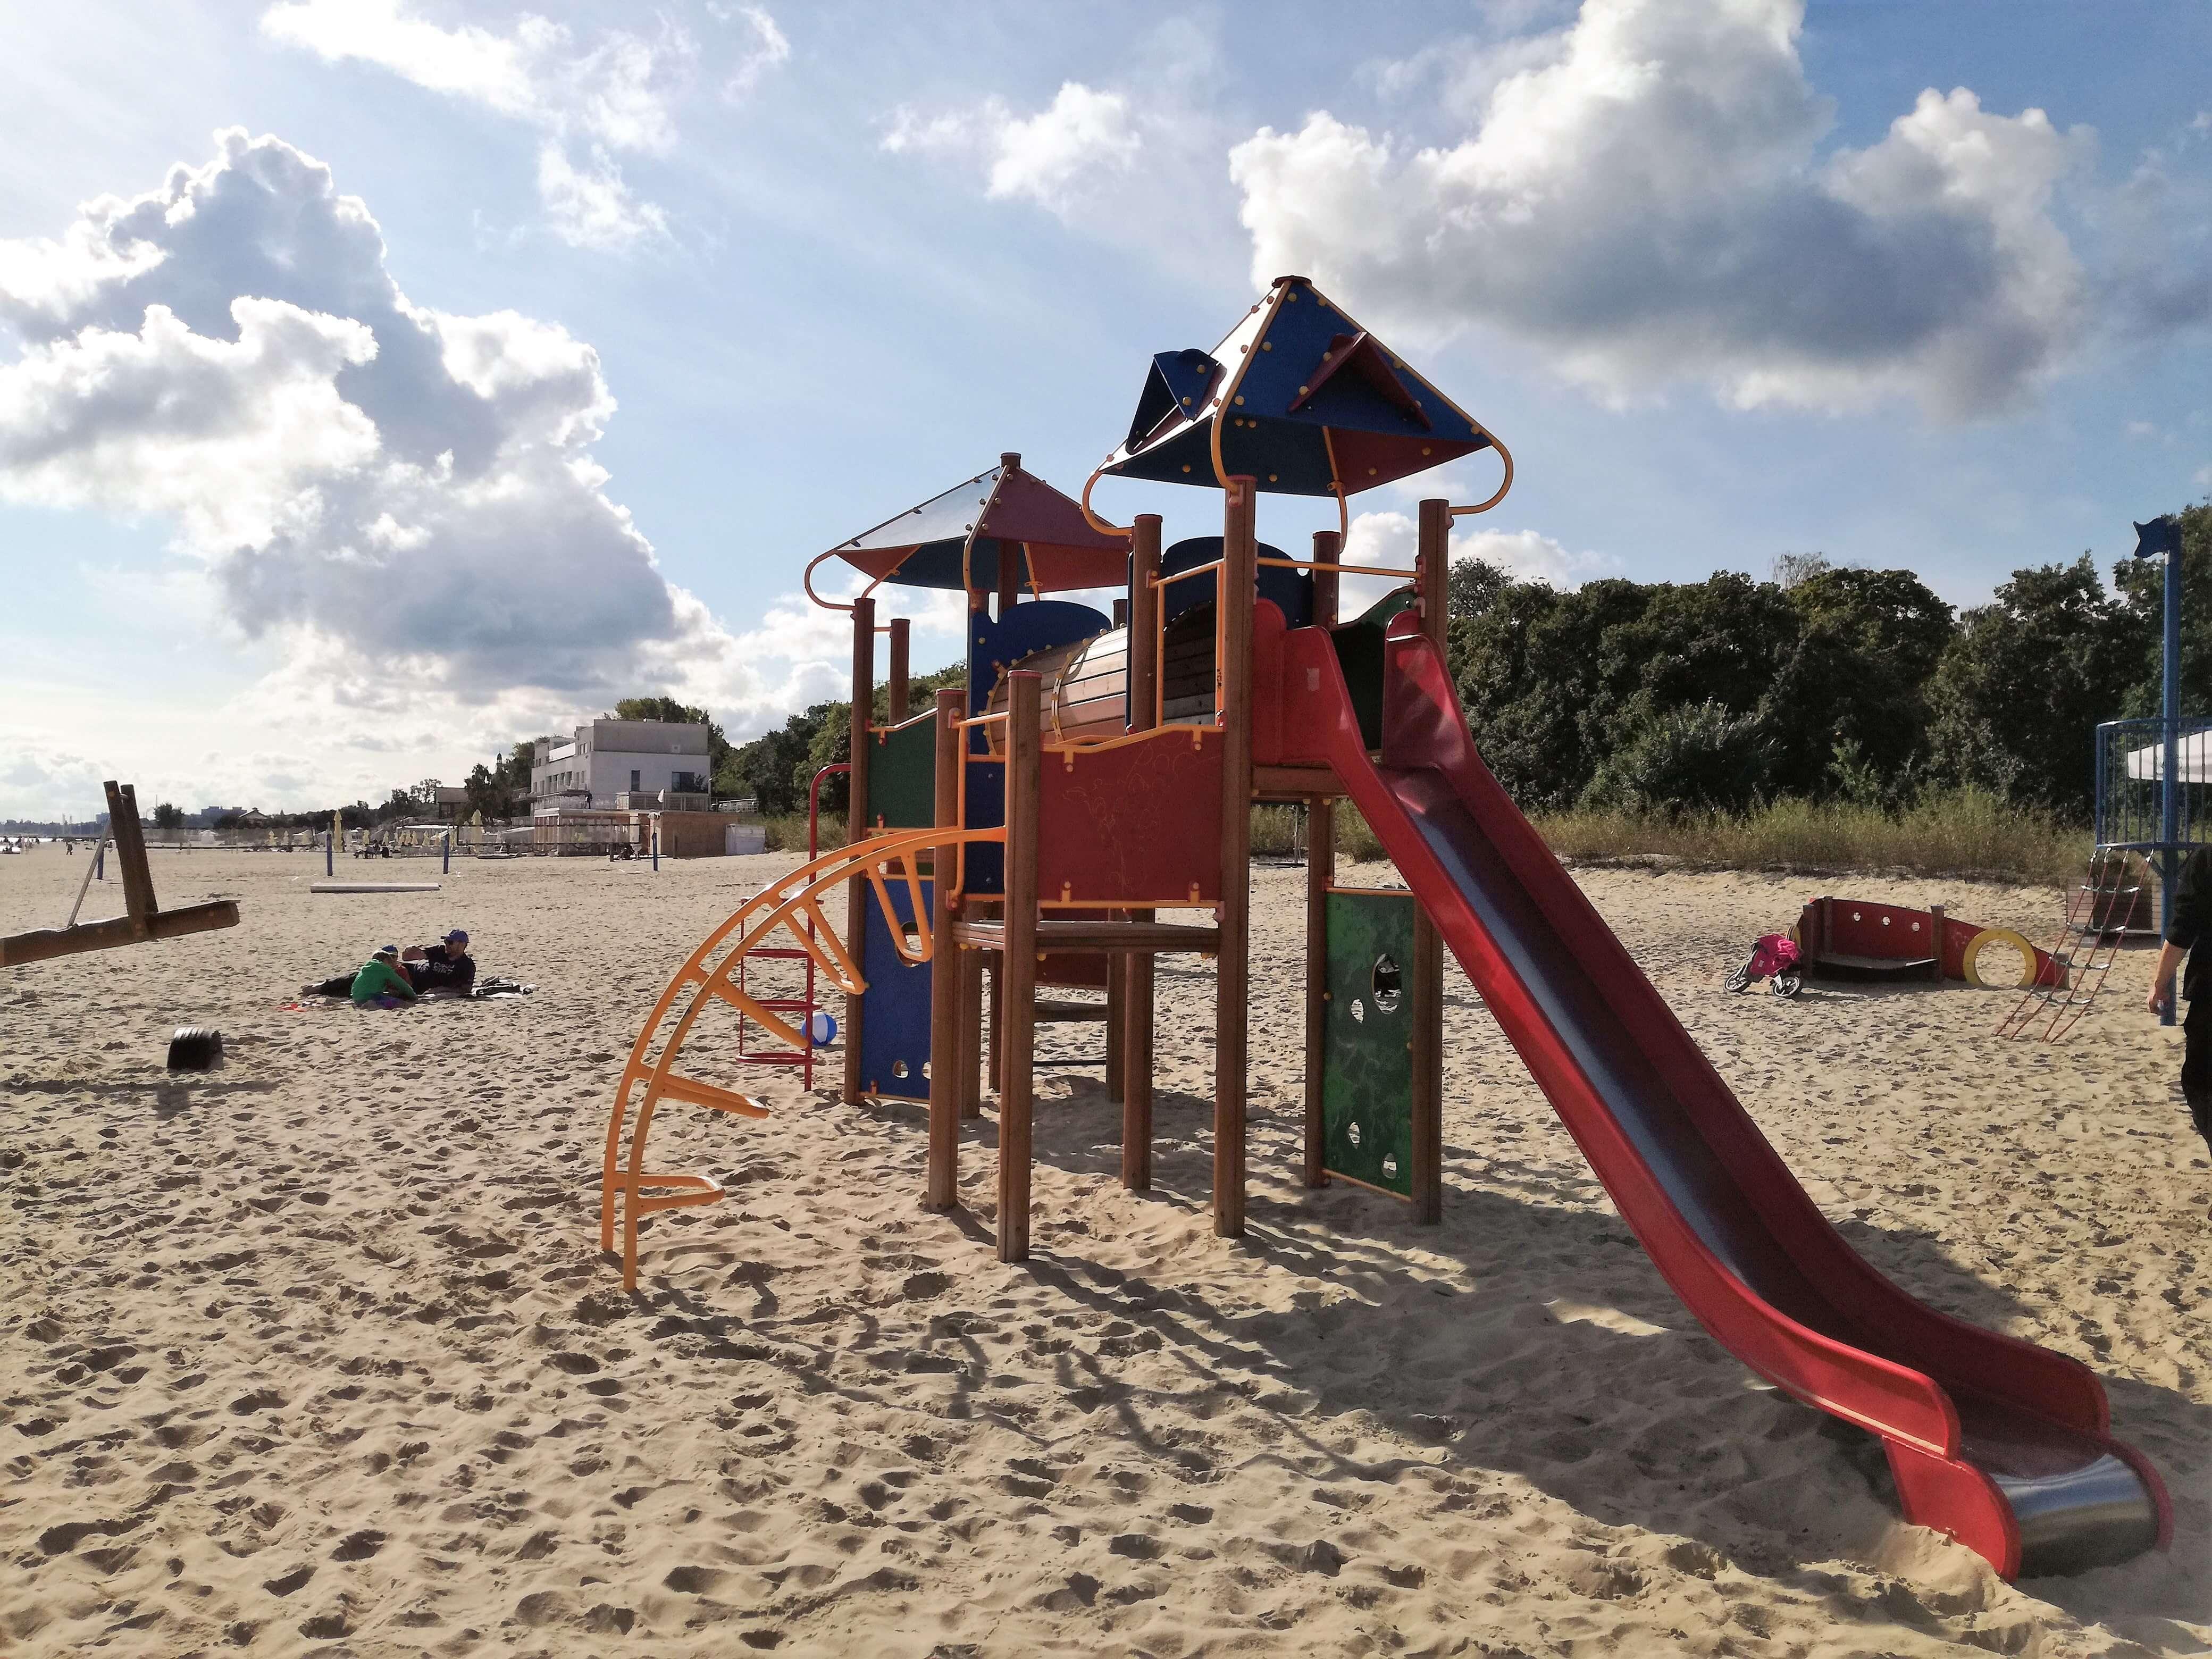 Plac zabaw na plaży Sopot 2_atrakcje dla dzieci Sopot - rodzinnykompas.pl